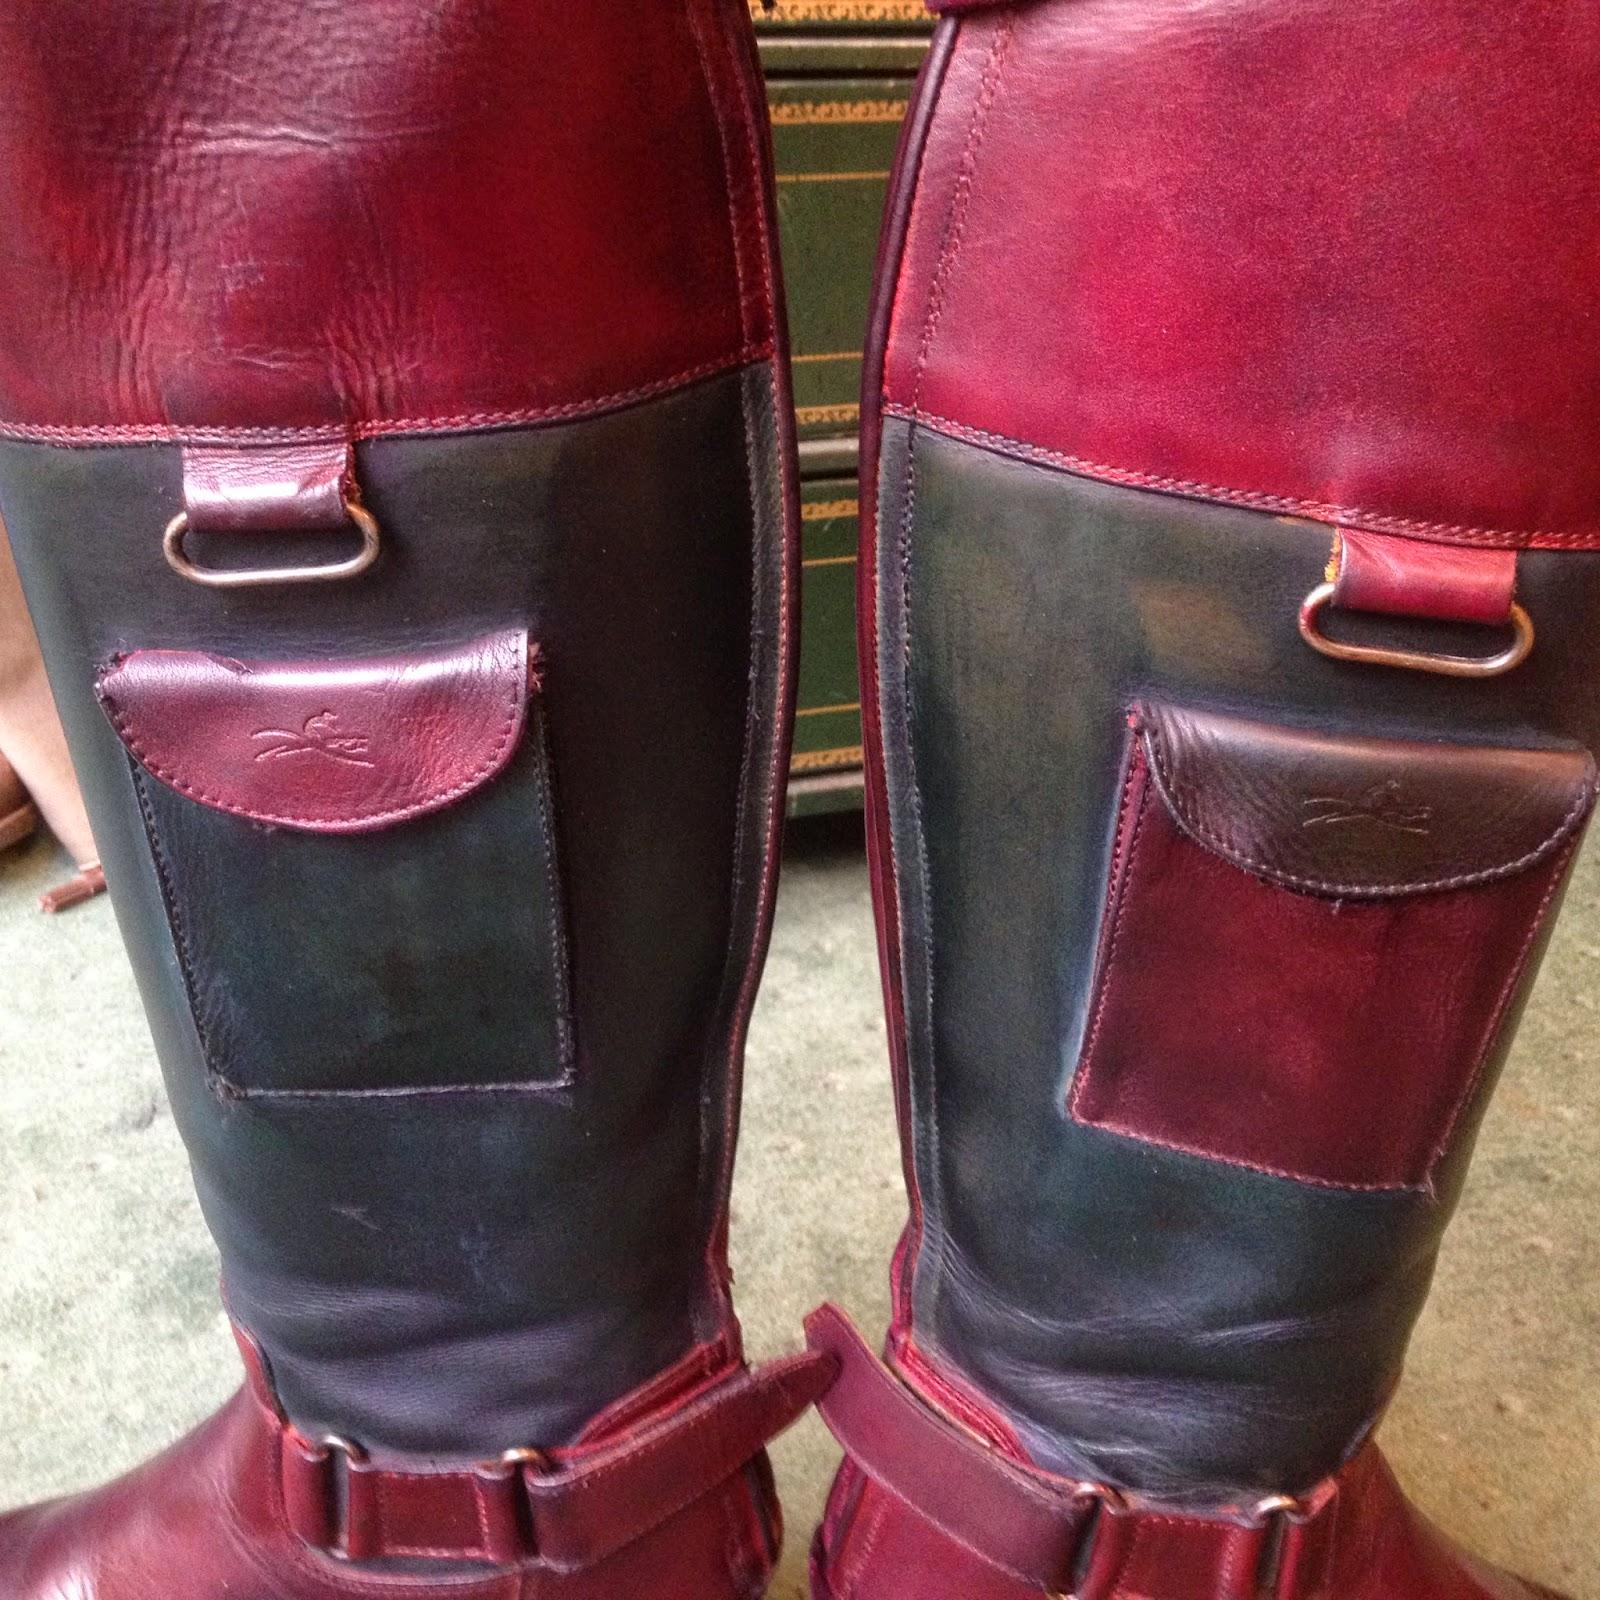 salon cireur talon rouge paris quelques heures de r alisation pour cette paire de bottes. Black Bedroom Furniture Sets. Home Design Ideas